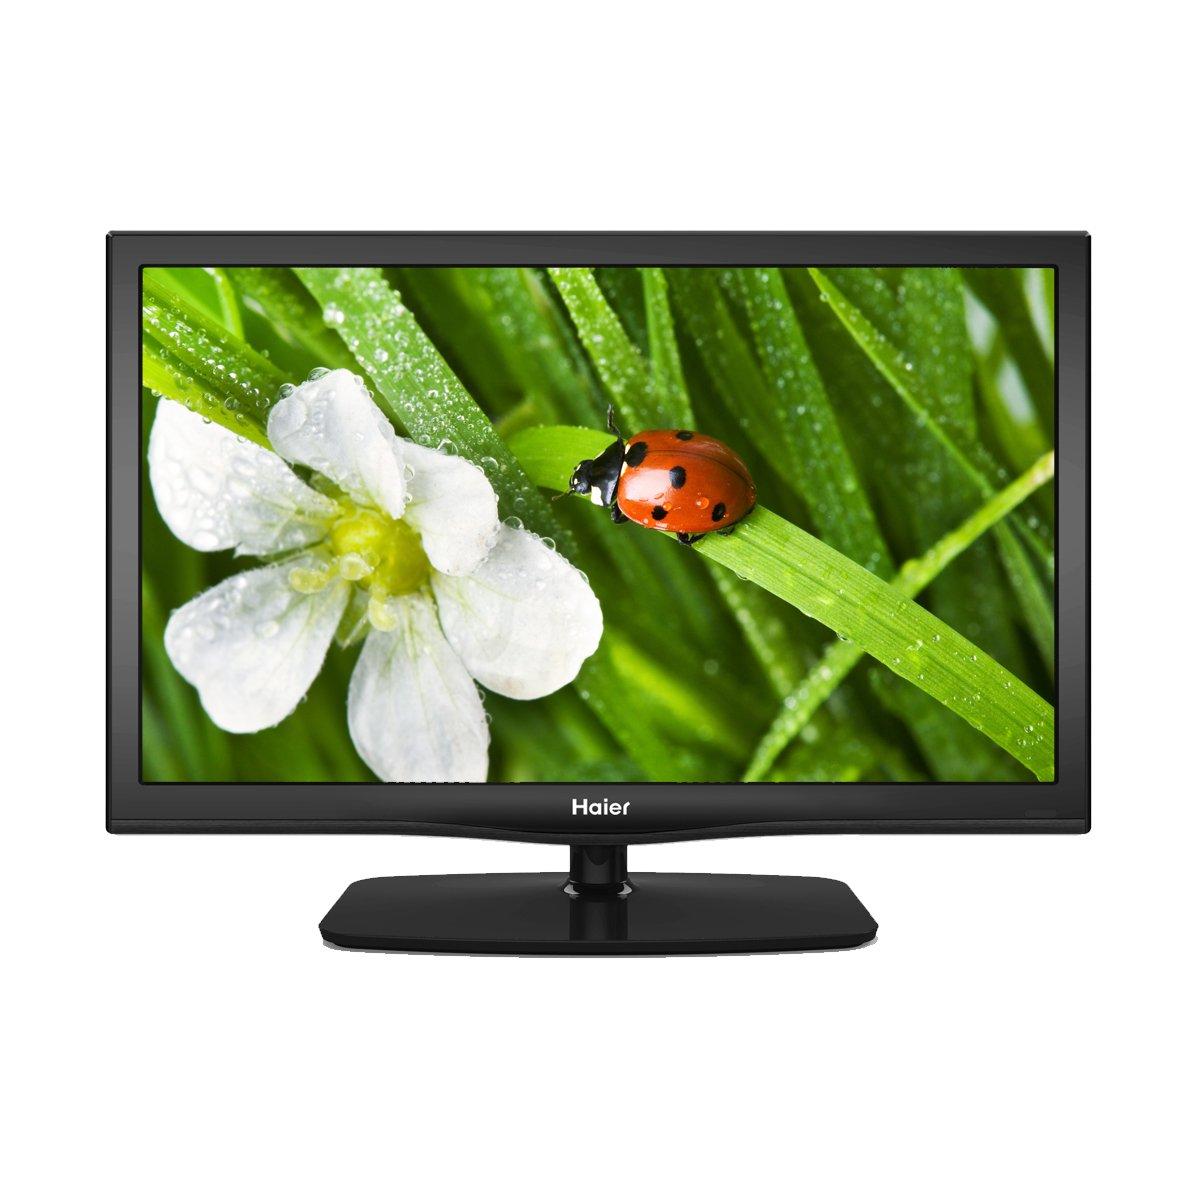 Haier LET42T1000HF LED TV - Televisor (106,68 cm (42